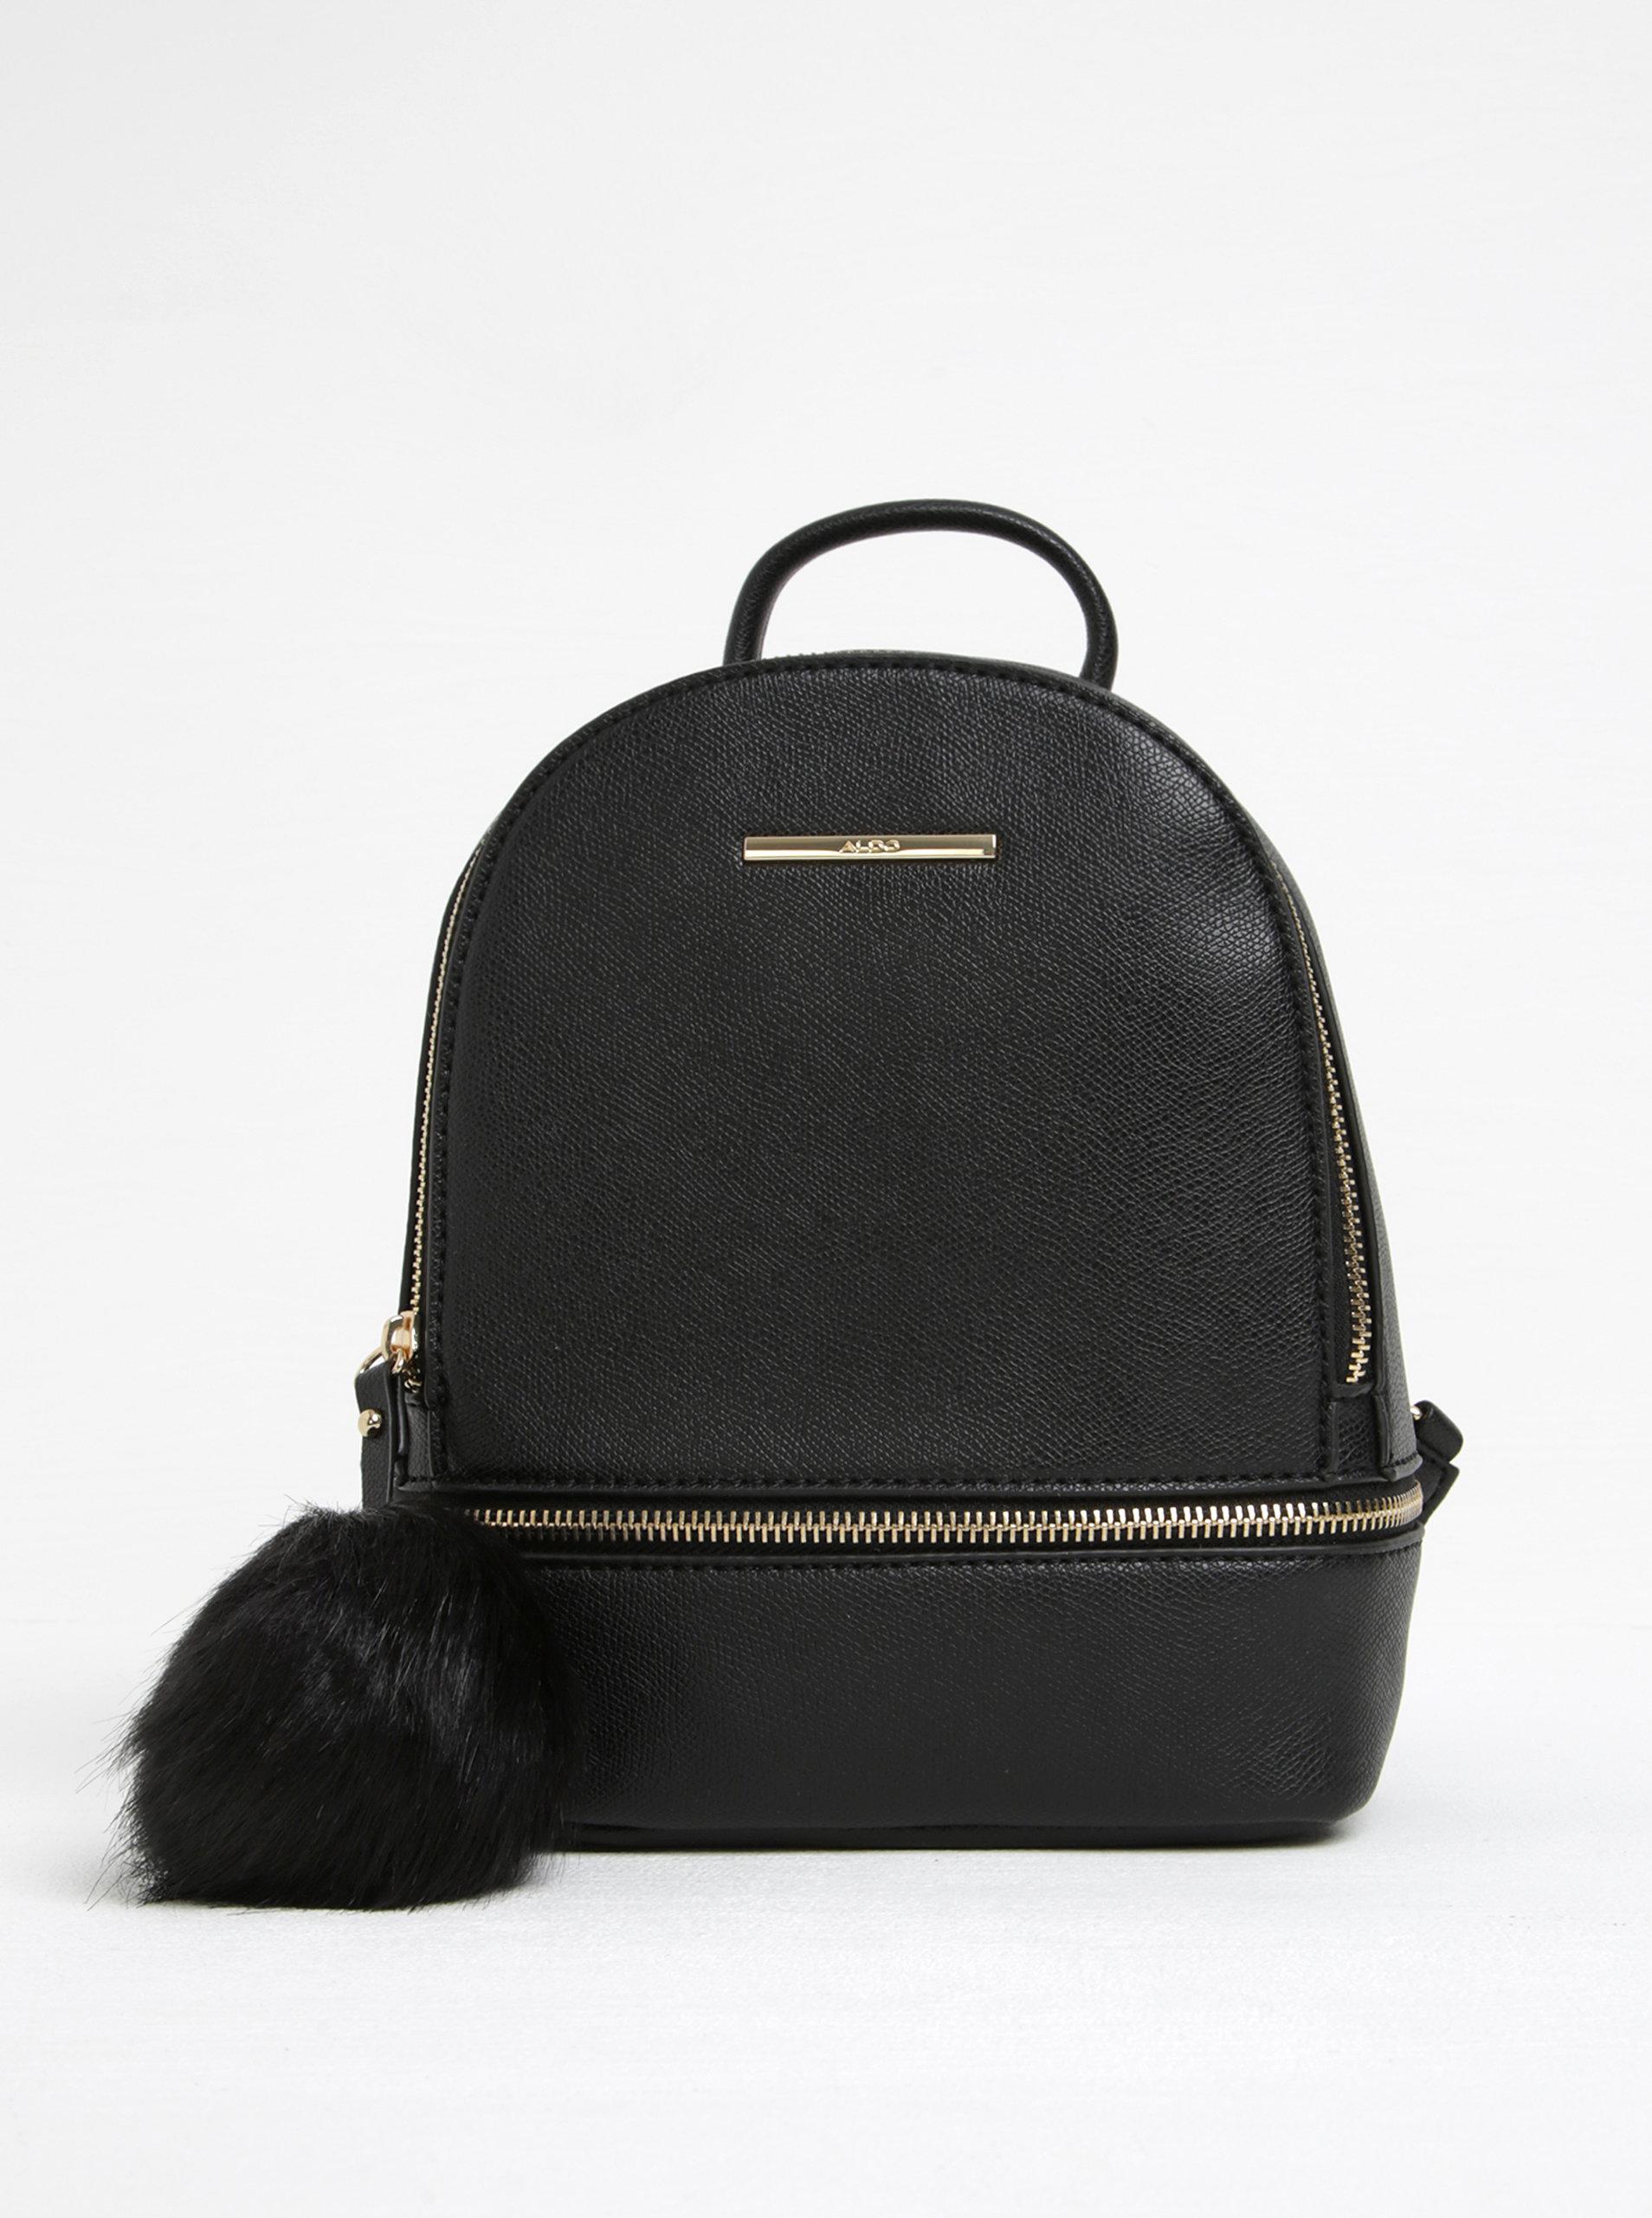 Černý dámský malý batoh ALDO Parma ... 75d4ba5a6a